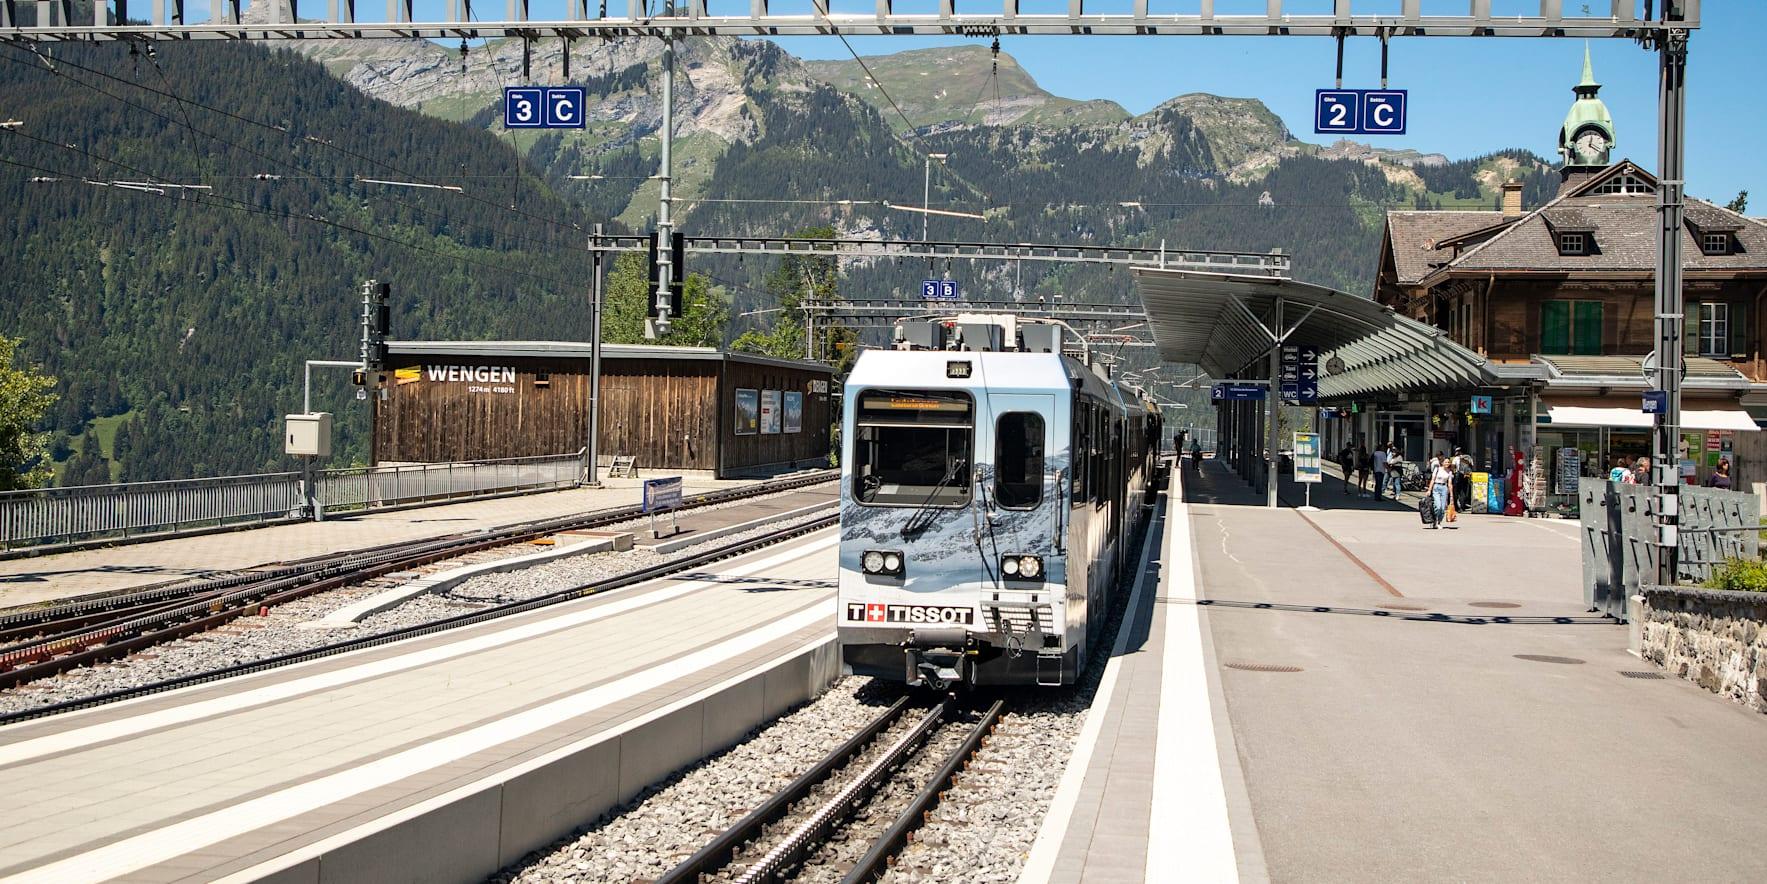 Bahnhof Wengen